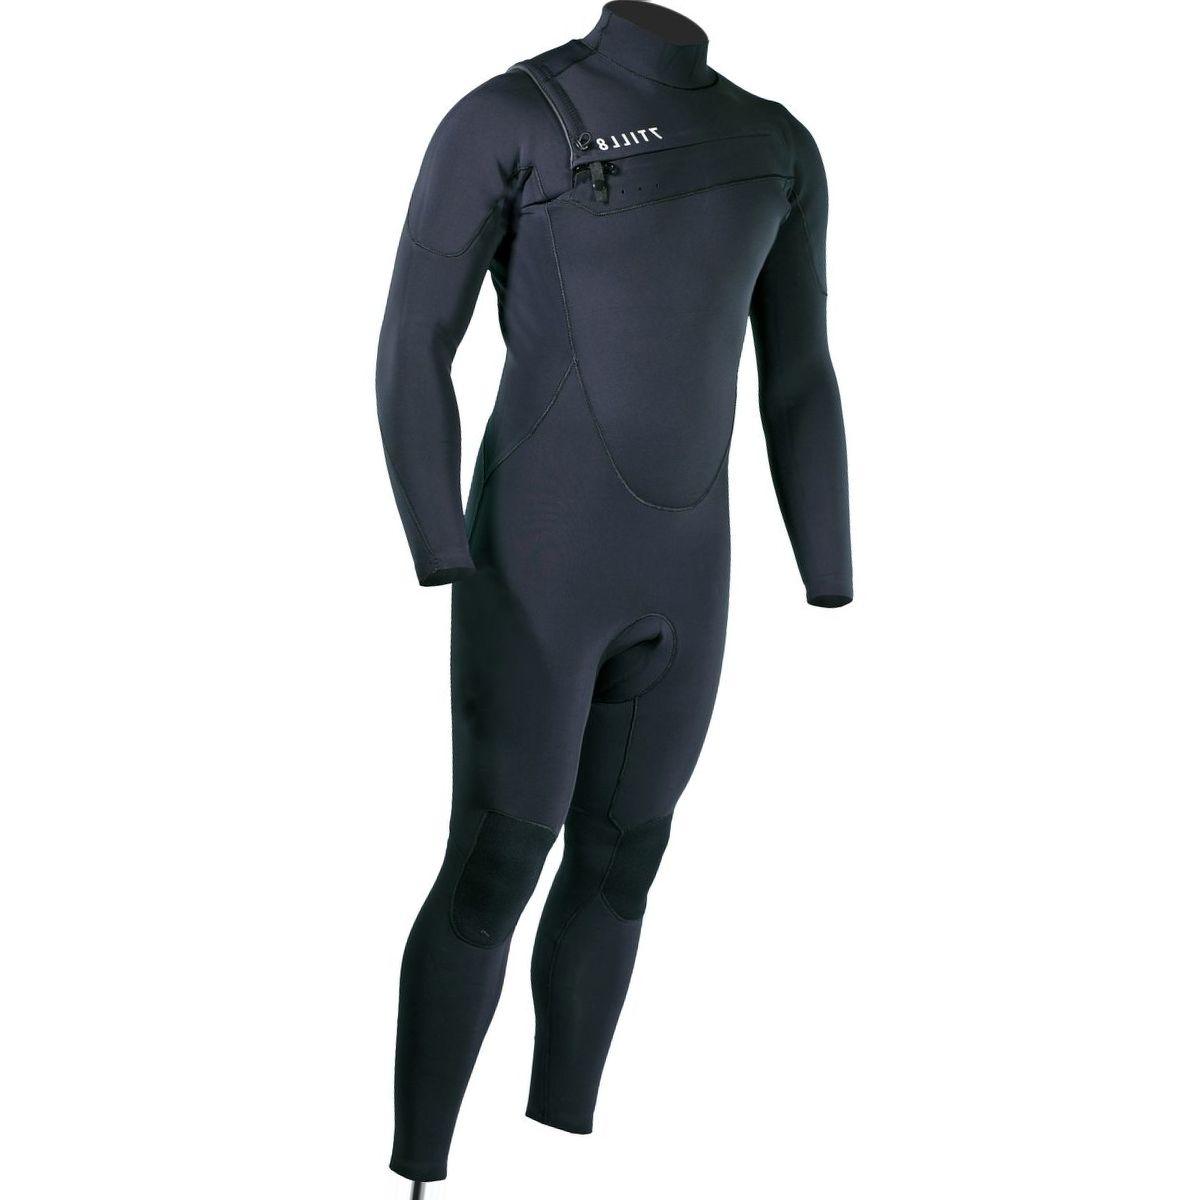 7TILL8 Surf 3/2 Slant-Zip Fullsuit - Men's